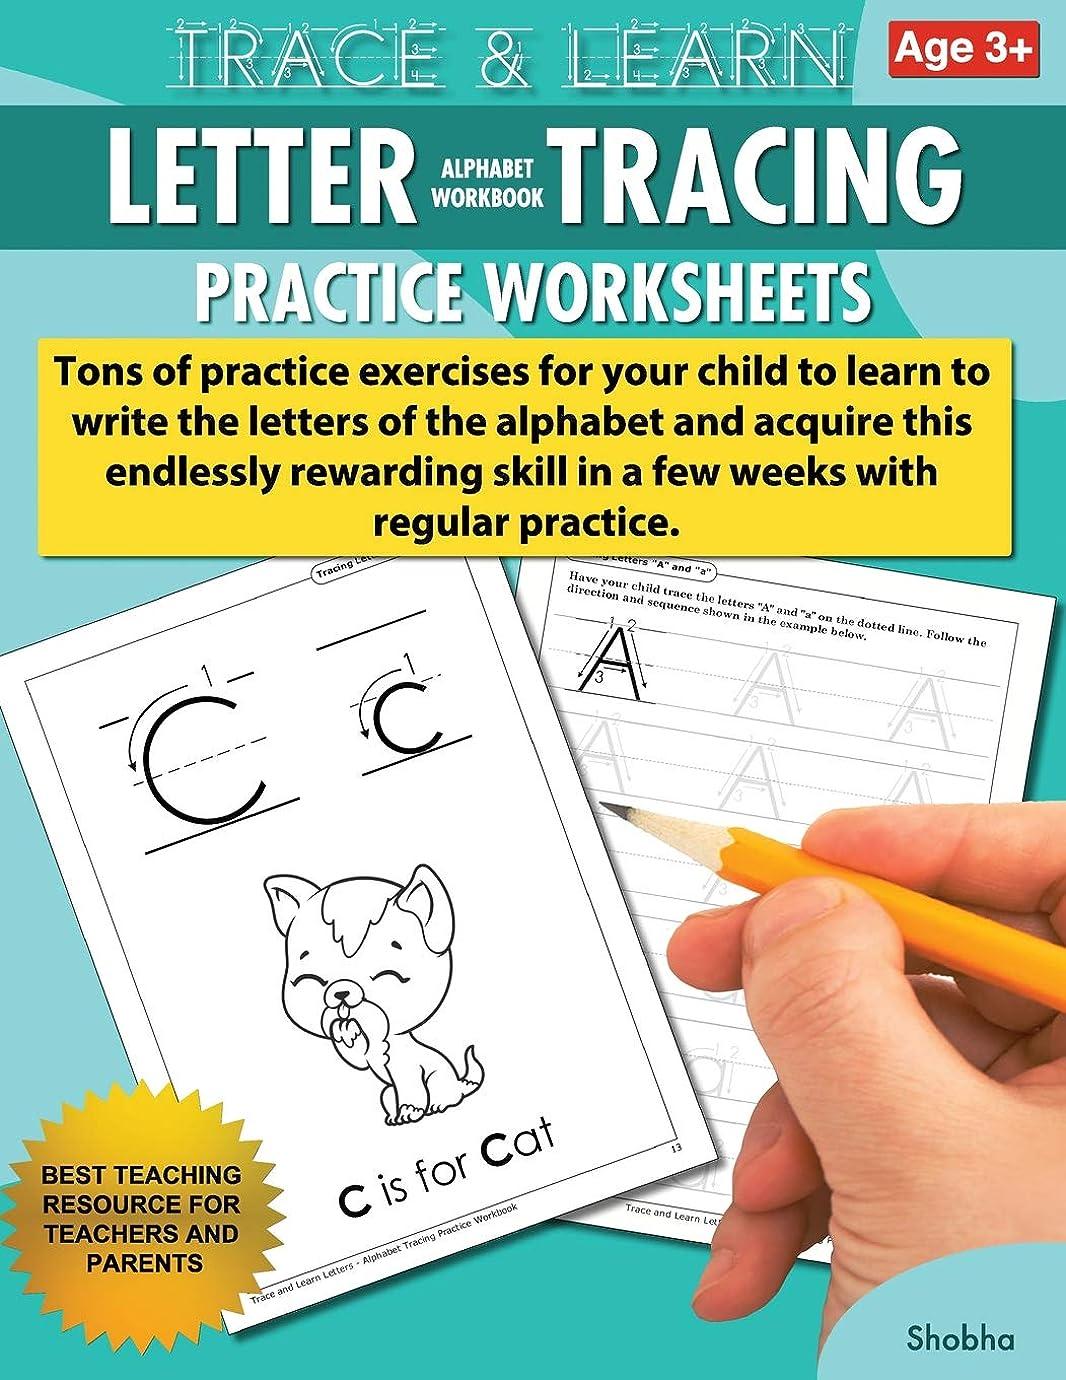 若者導出くるくるTrace & Learn Letters Alphabet Tracing Workbook Practice Worksheets: Daily Practice Guide for Pre-K Children